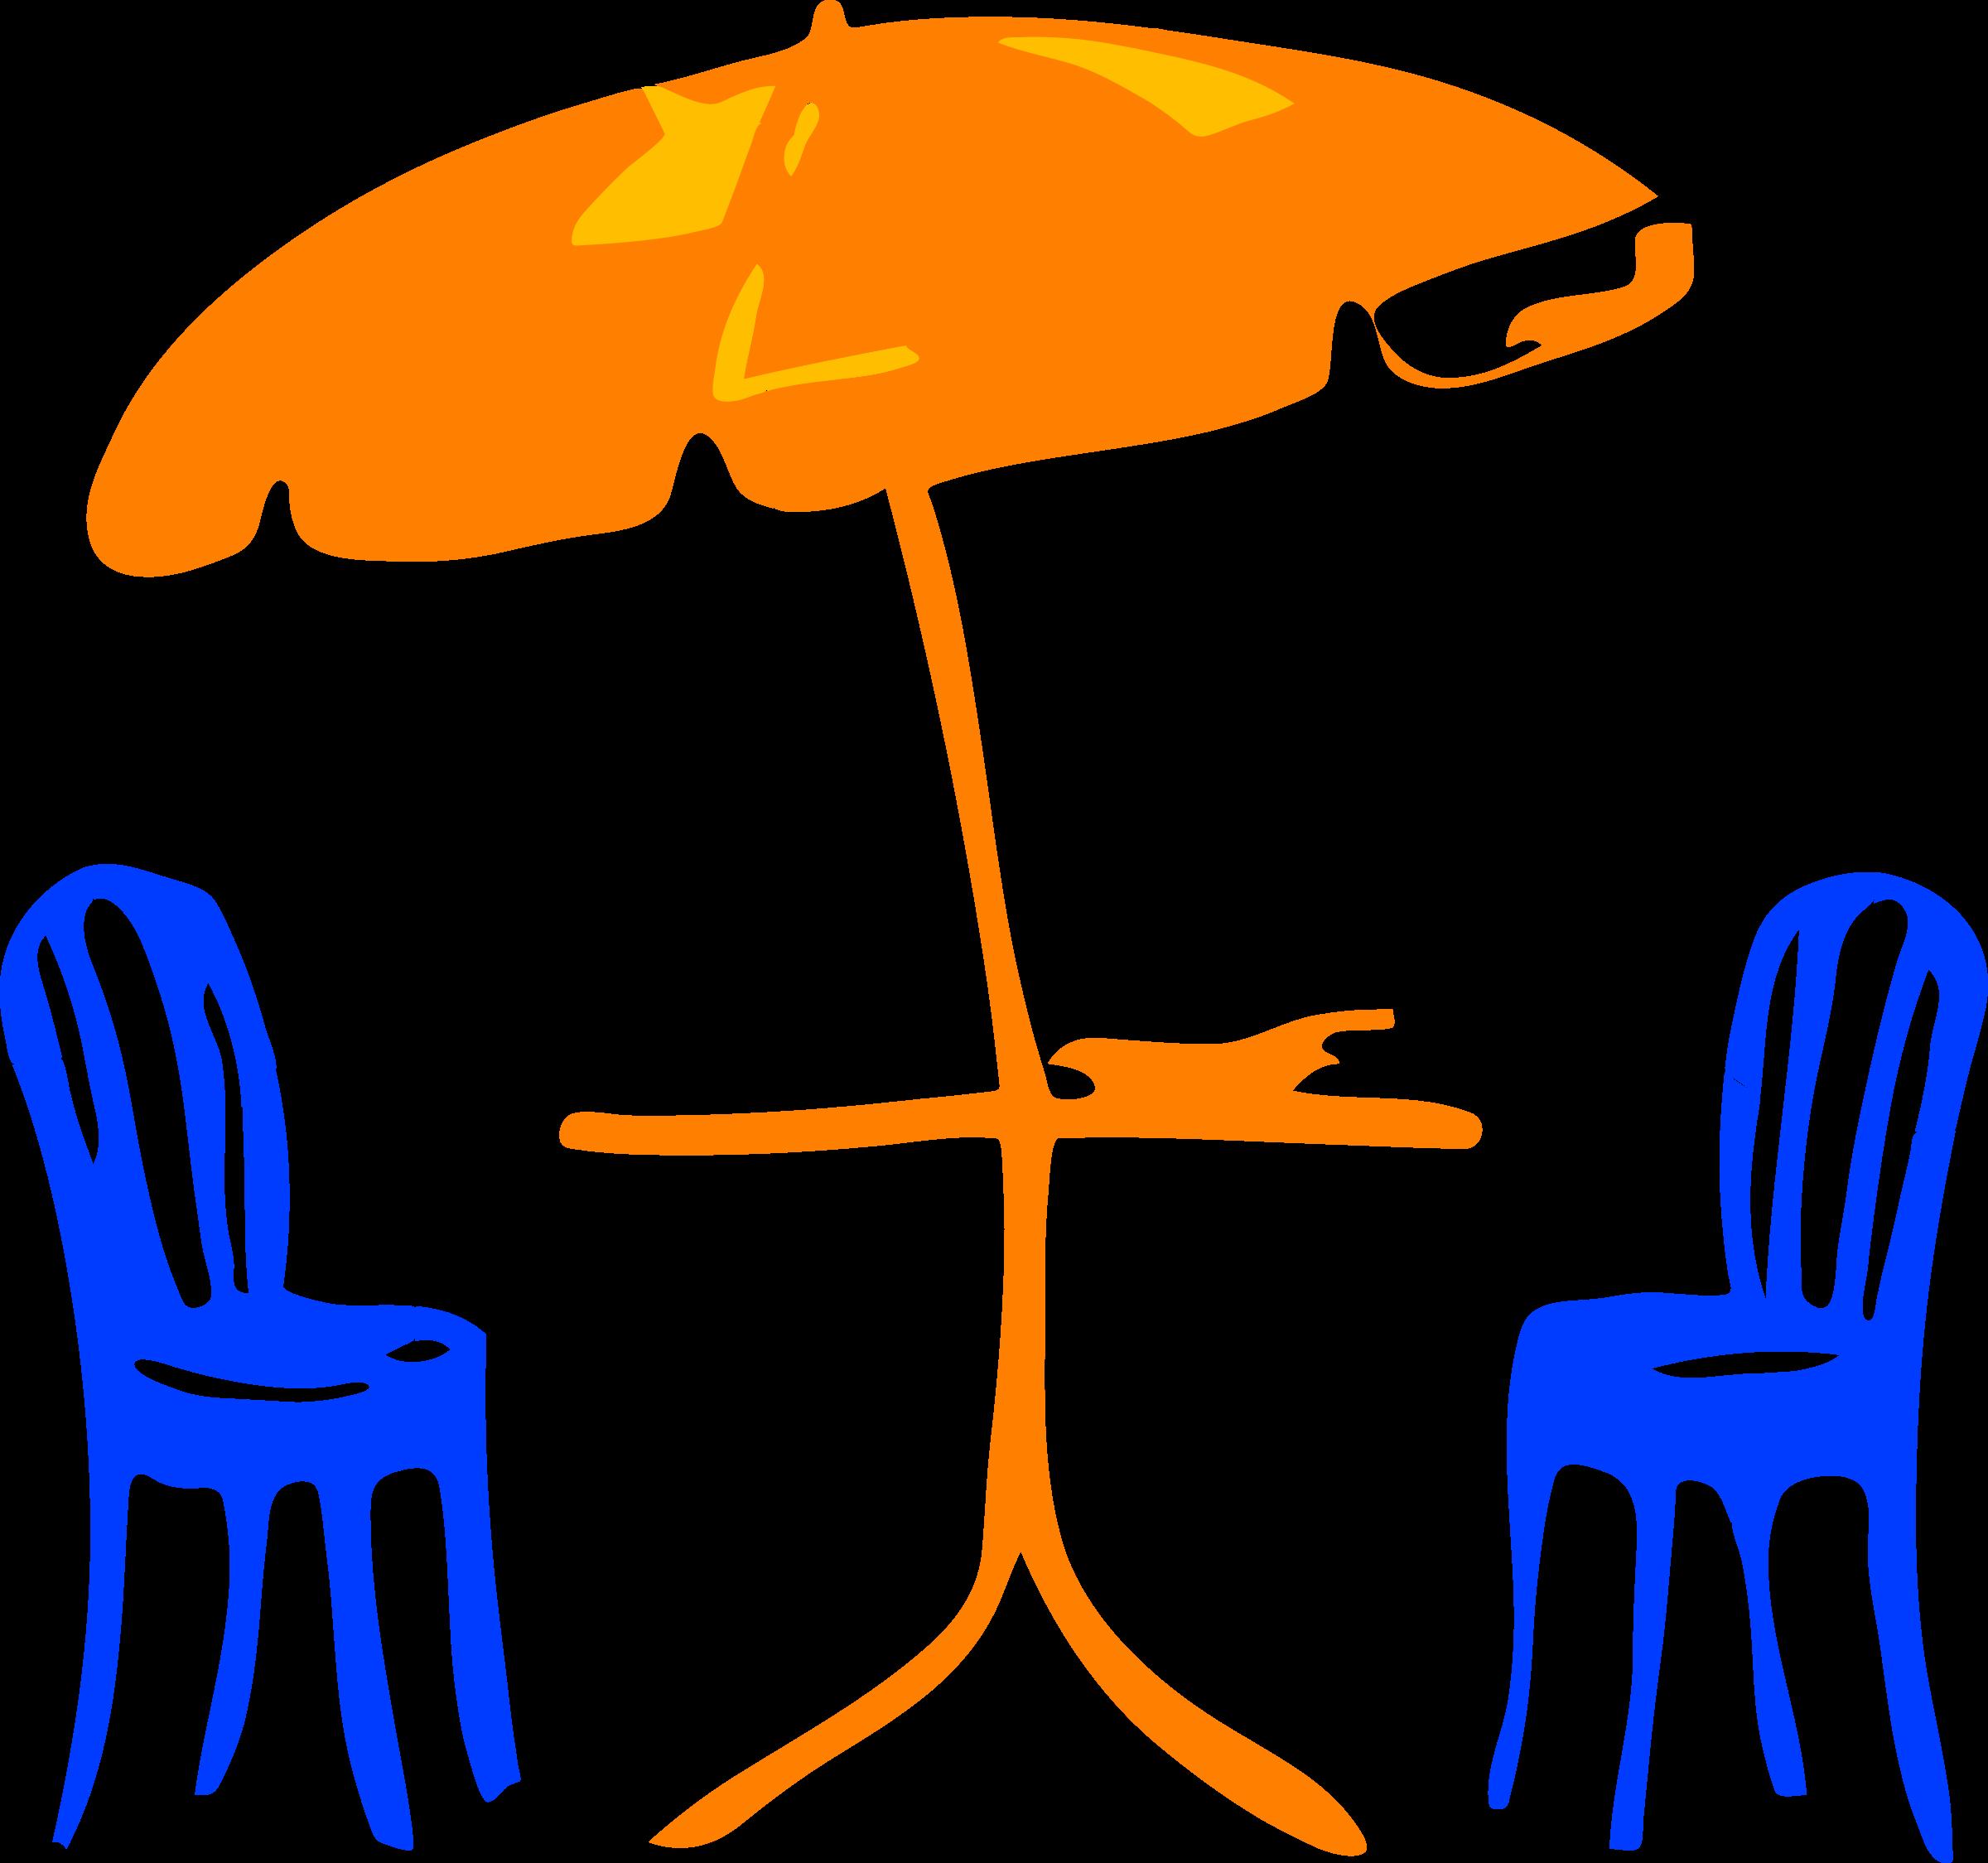 Architetto sedia e ombrelloni. Clipart table cafe table